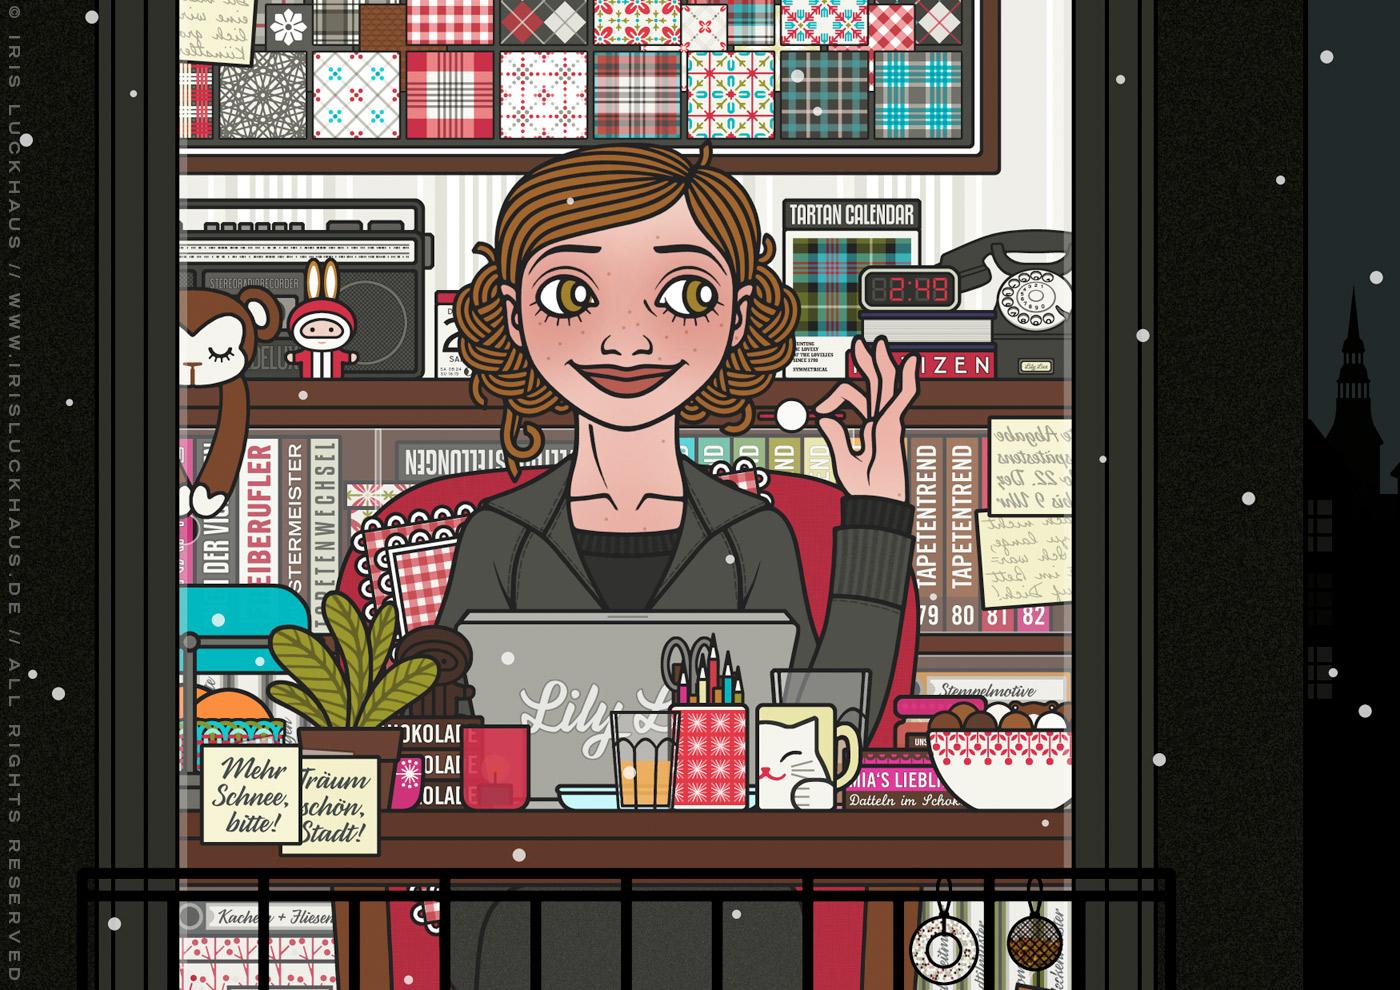 Zeichnung von einem Mädchen, das spät in der Nacht am Macbook oder Laptop arbeitet und dabei einen gemütlichen Sessel, Fußbad, Schokolade, Pralinen und Tee genießt, für Lily Lux